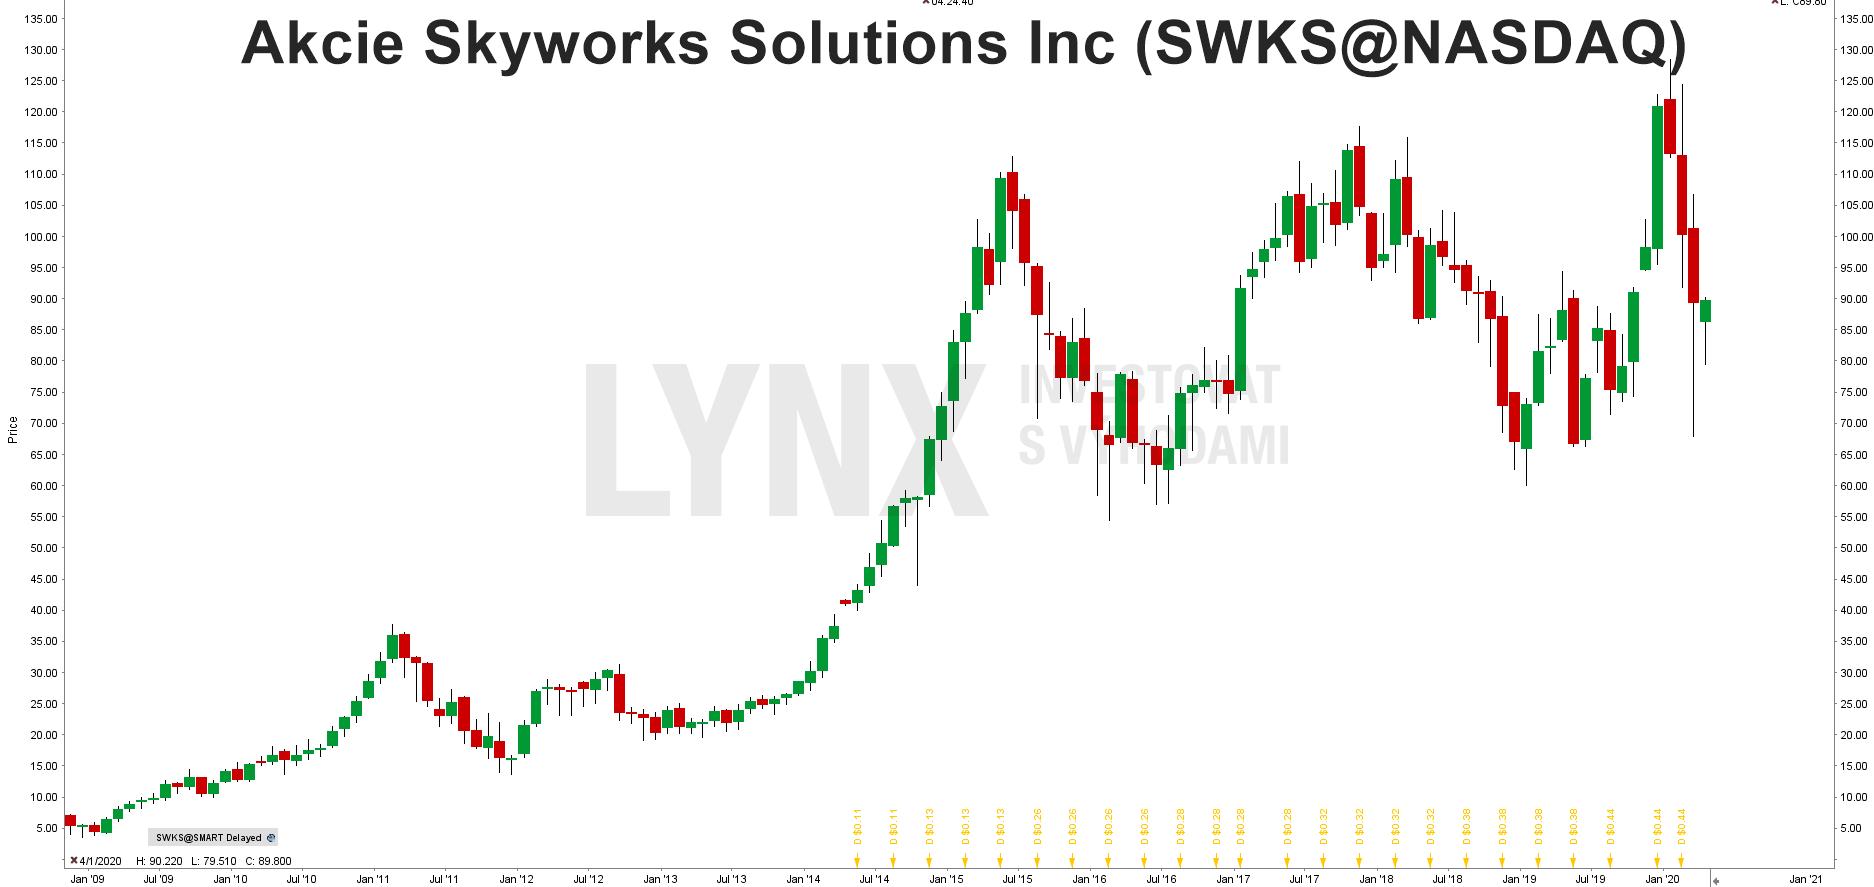 Graf akcie Skyworks Solutions